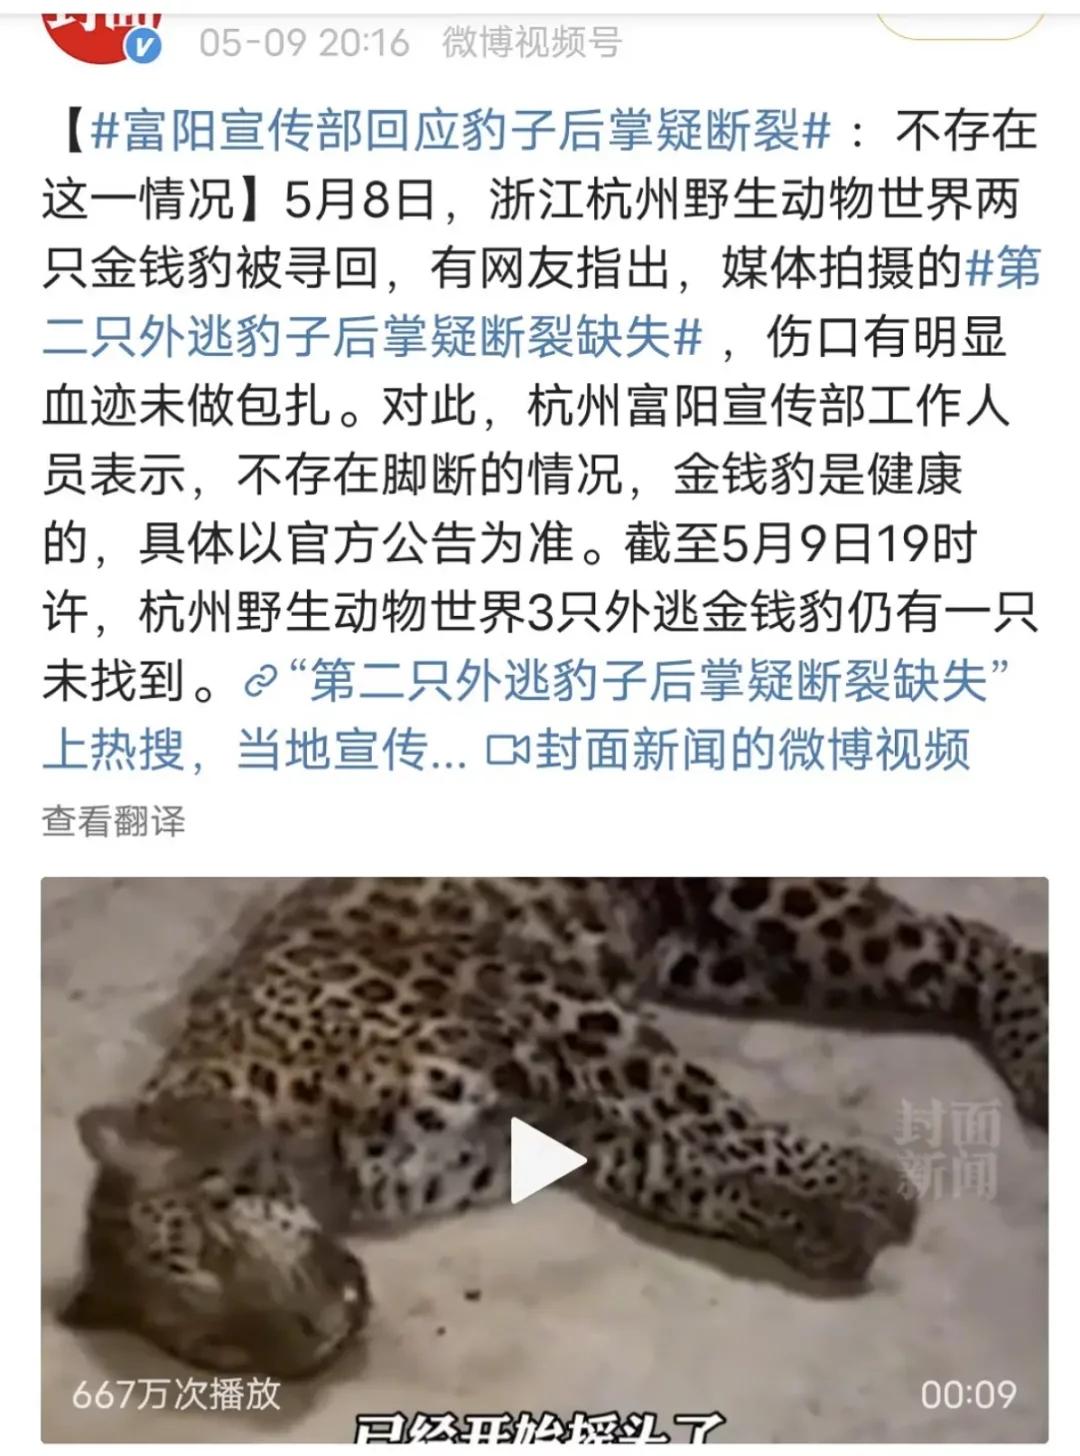 专家:第3只豹子,可能已经死亡……